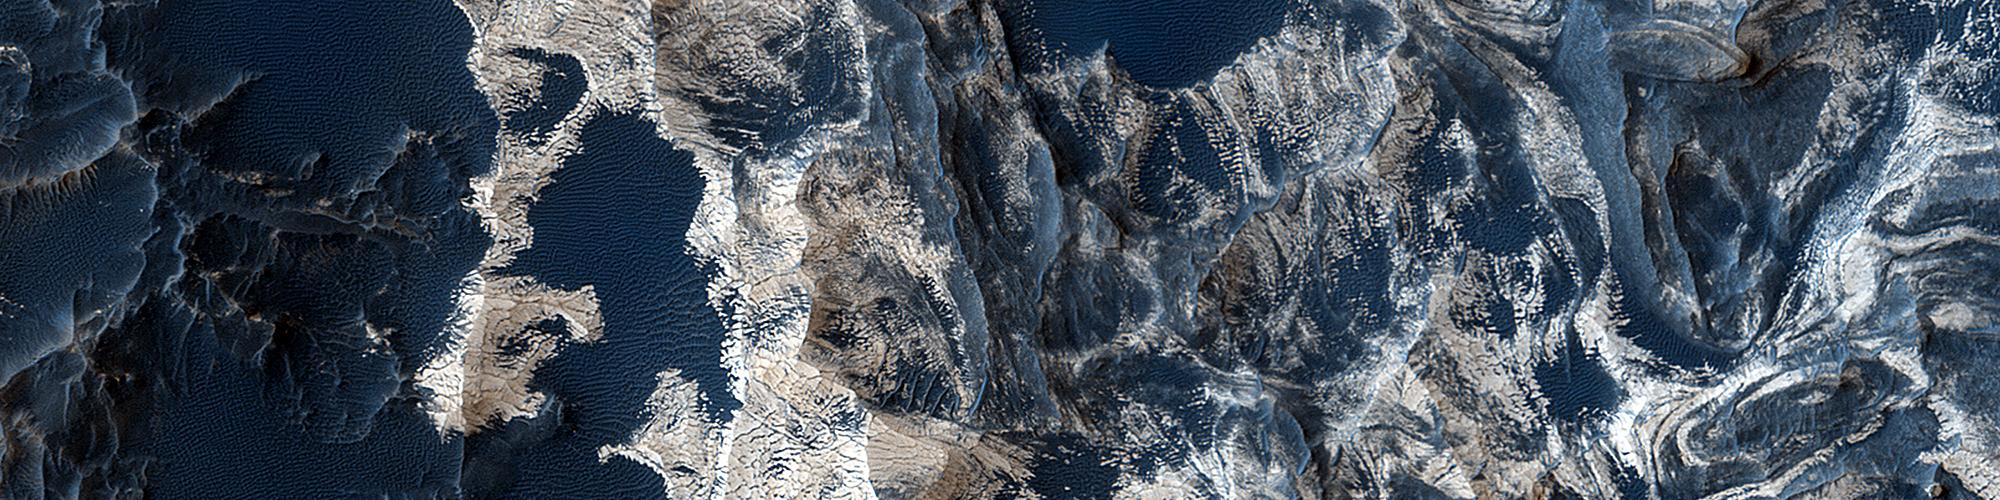 Schichten und Sand auf dem Boden des Schiaparelli Kraters